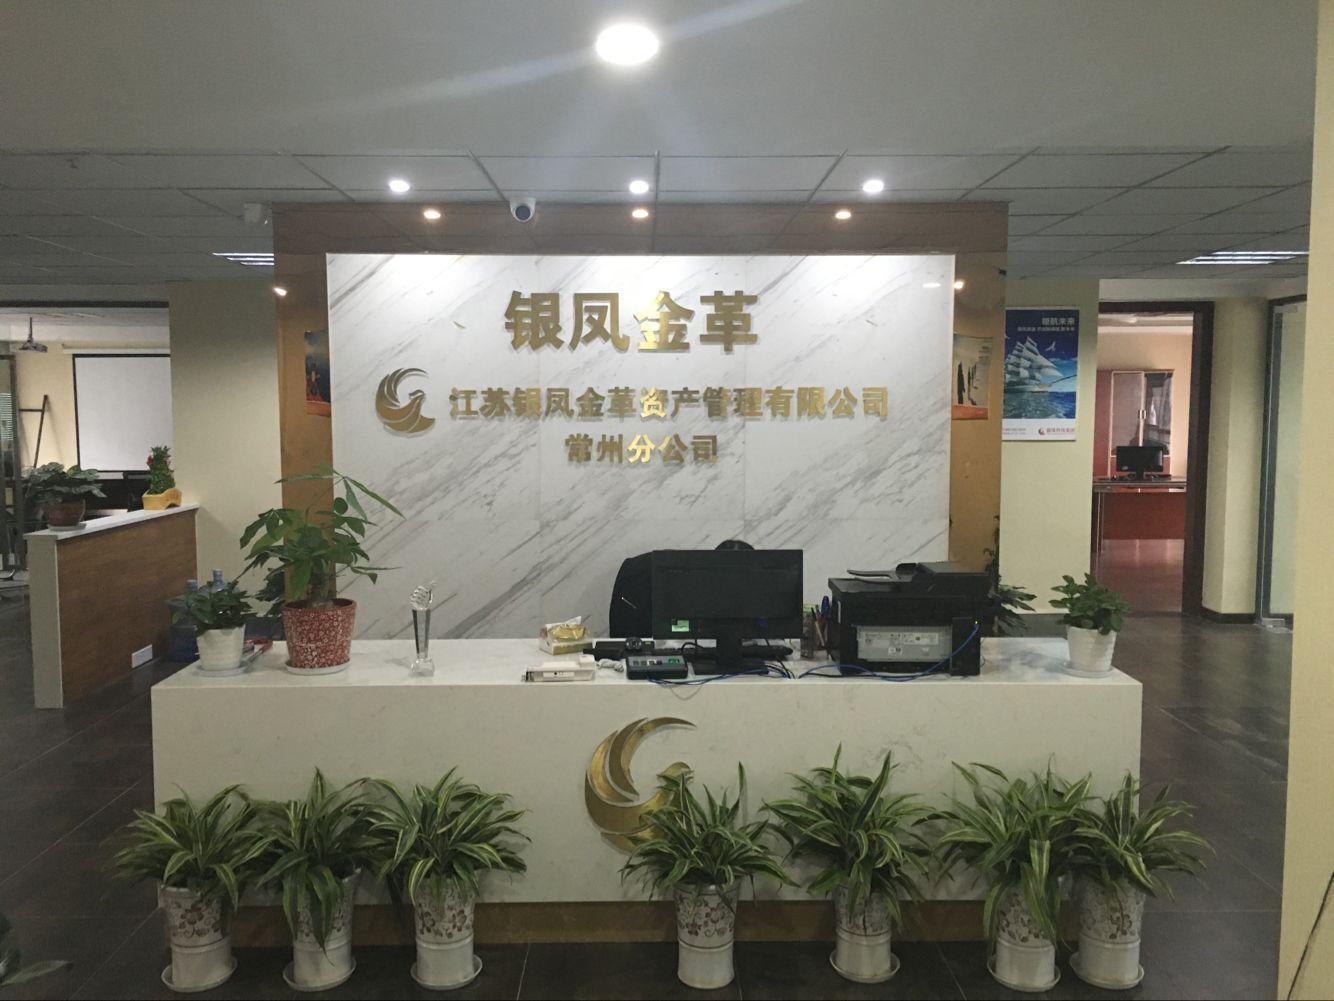 江苏银凤金革资产管理有限公司常州分公司